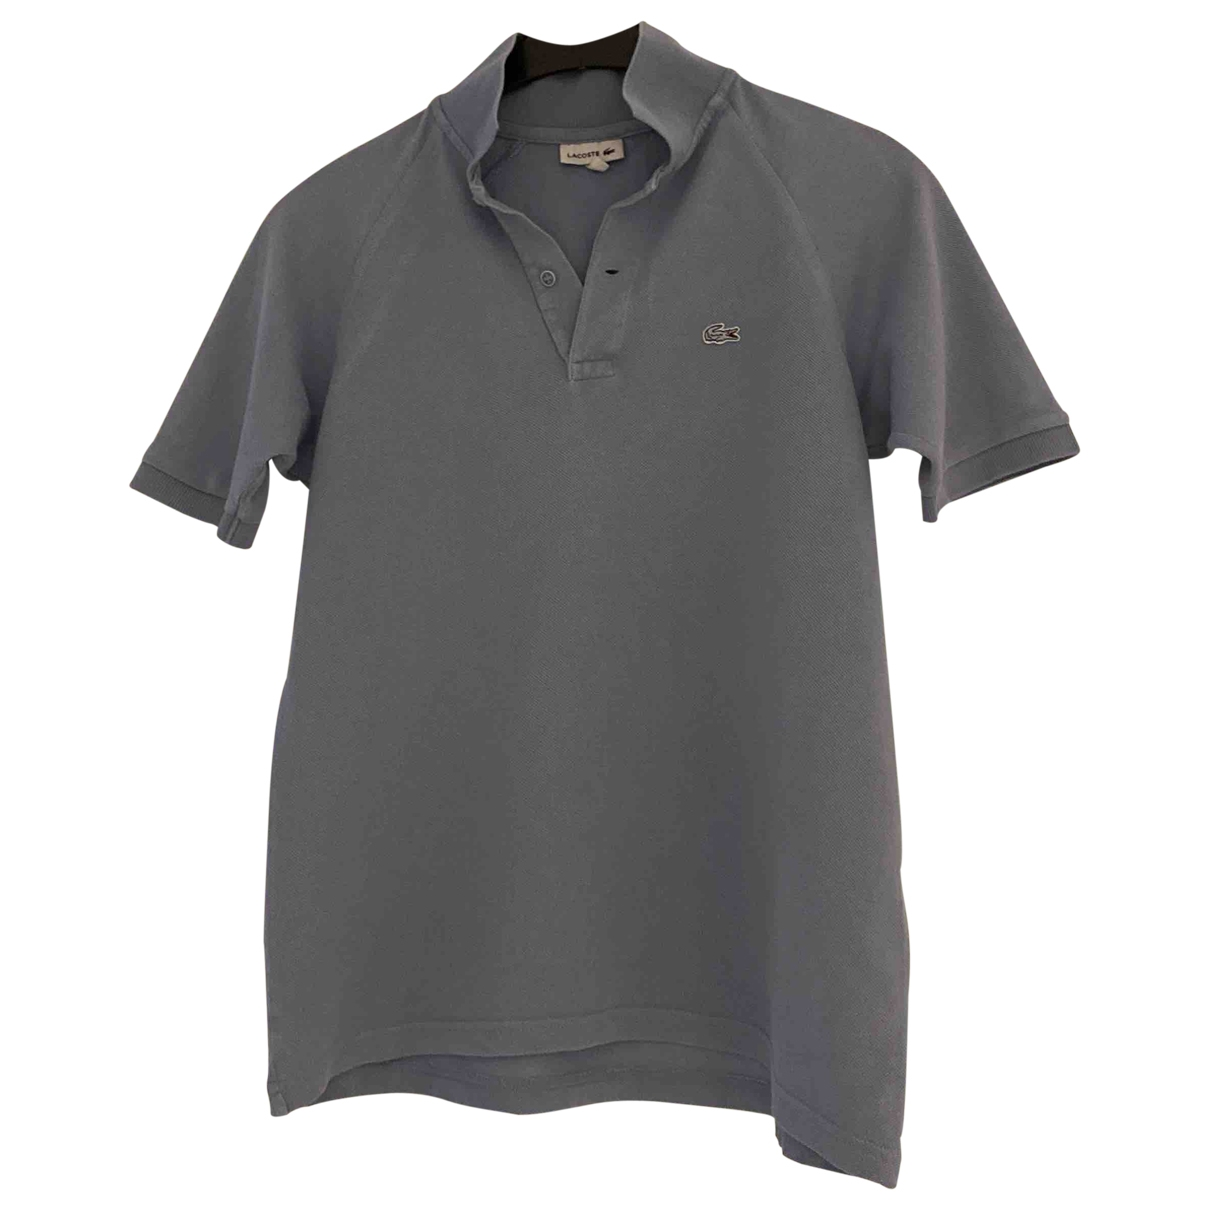 Camisetas en Algodon Gris Lacoste